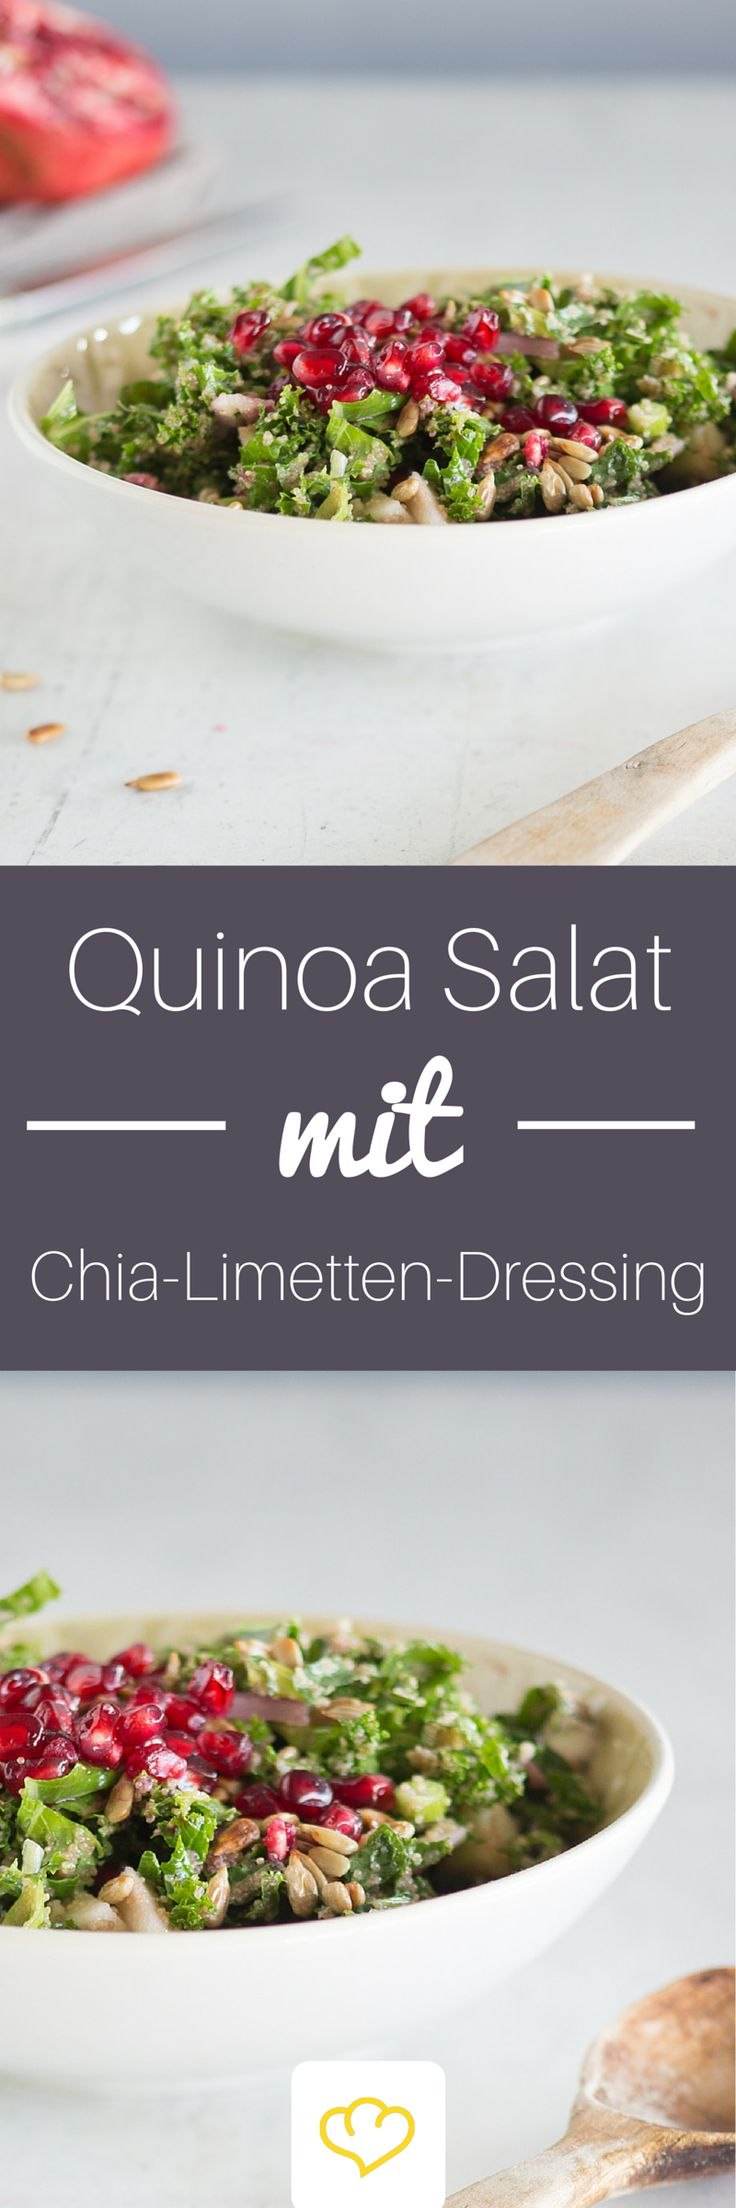 Quinoa-Salat mit Chia-Limetten-Dressing